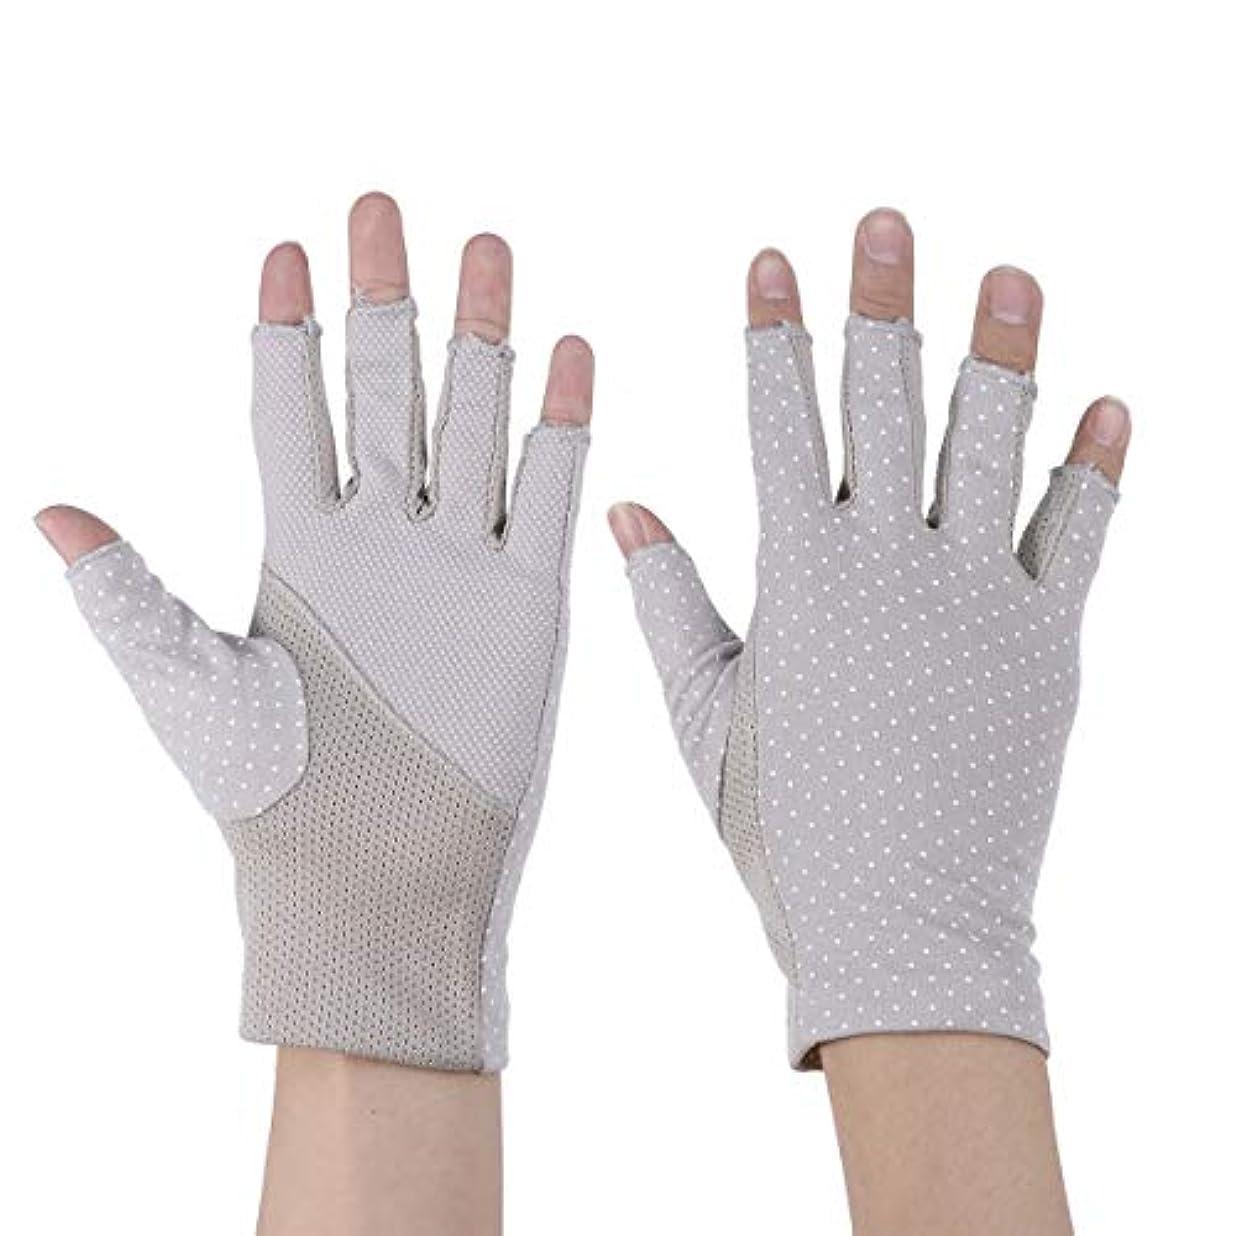 五転倒泥だらけHealifty 1ペア日焼け止め手袋ワークアウトミトンハーフフィンガー紫外線保護手袋用サイクリンググレー